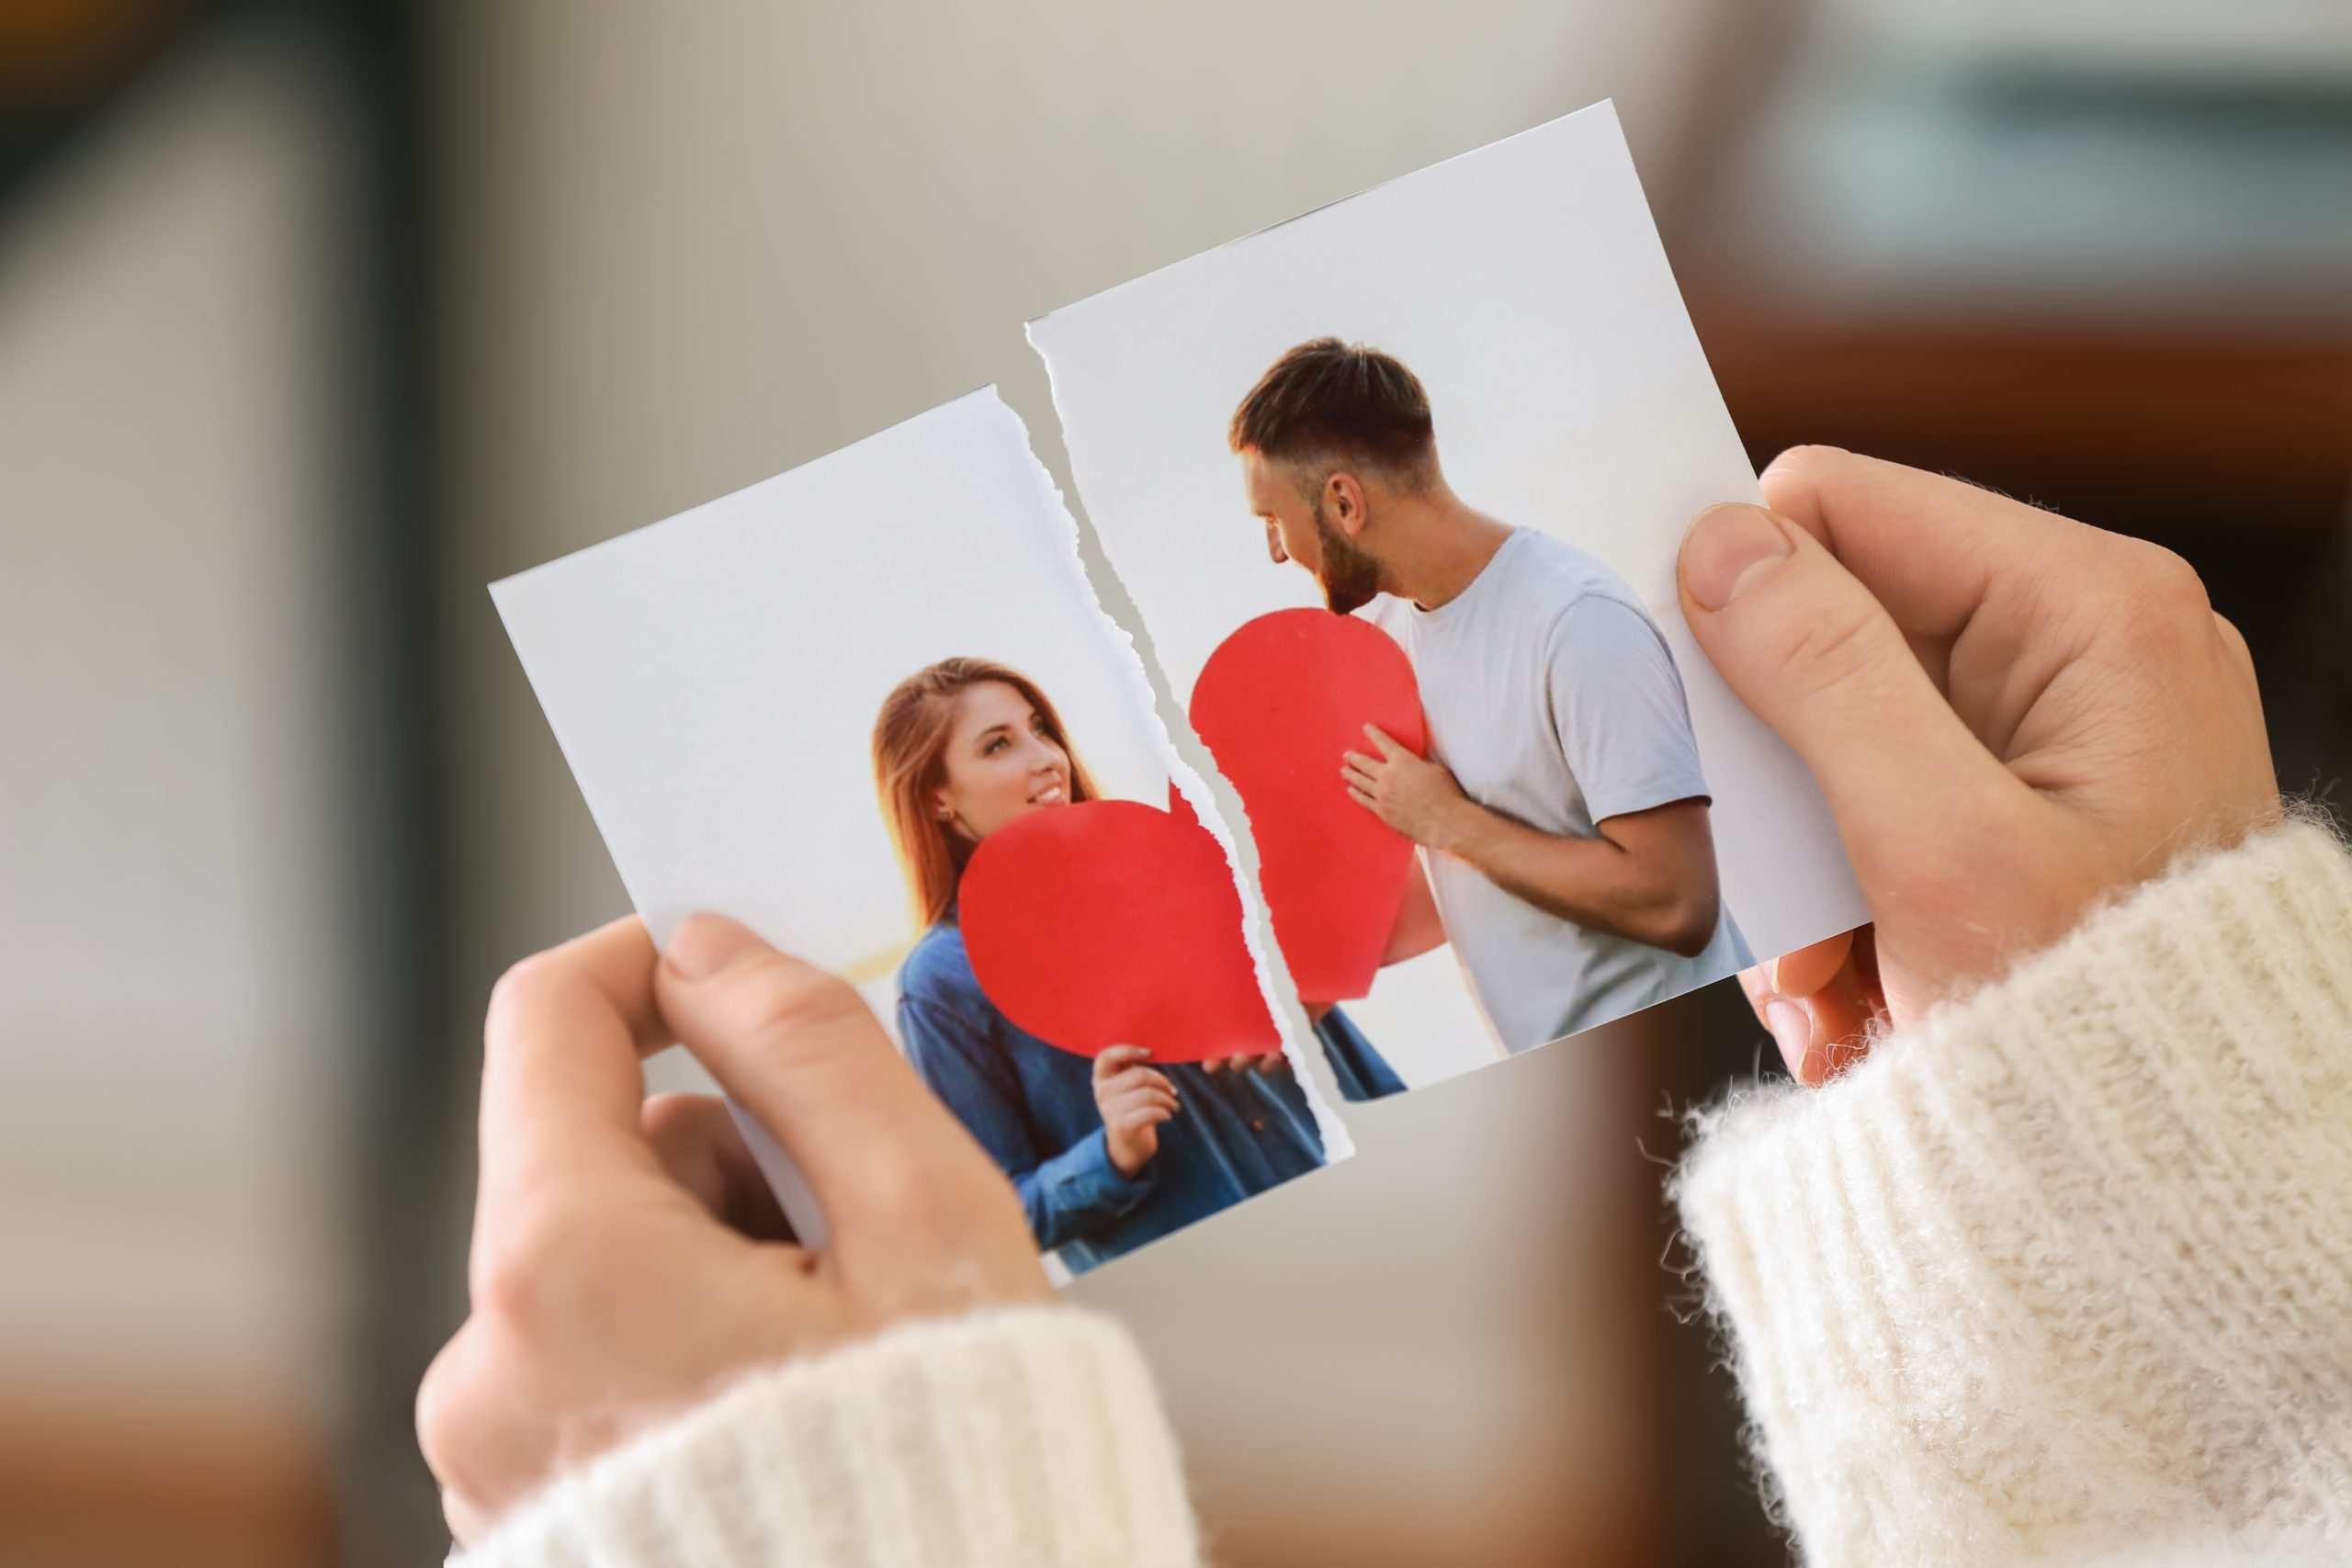 Das Trennungsjahr Erste Schritte Bei Trennung Und Scheidung Das Ist Unbedingt Zu Beachten Standesamt24